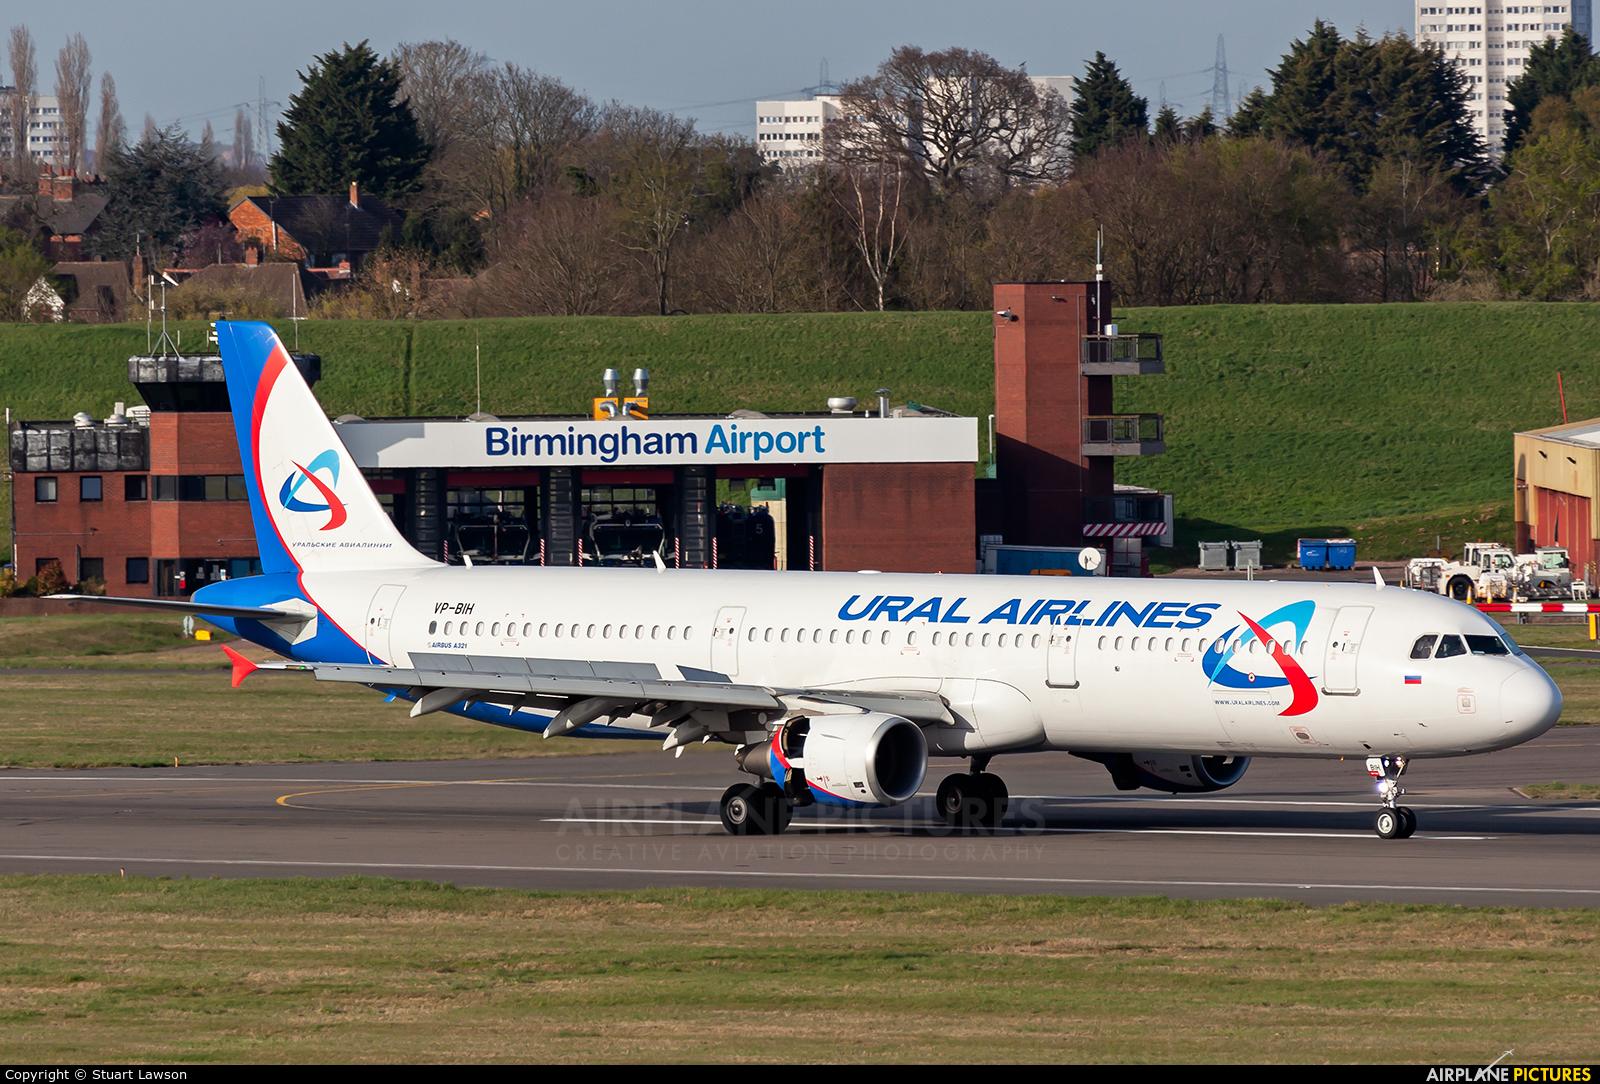 Ural Airlines VP-BIH aircraft at Birmingham